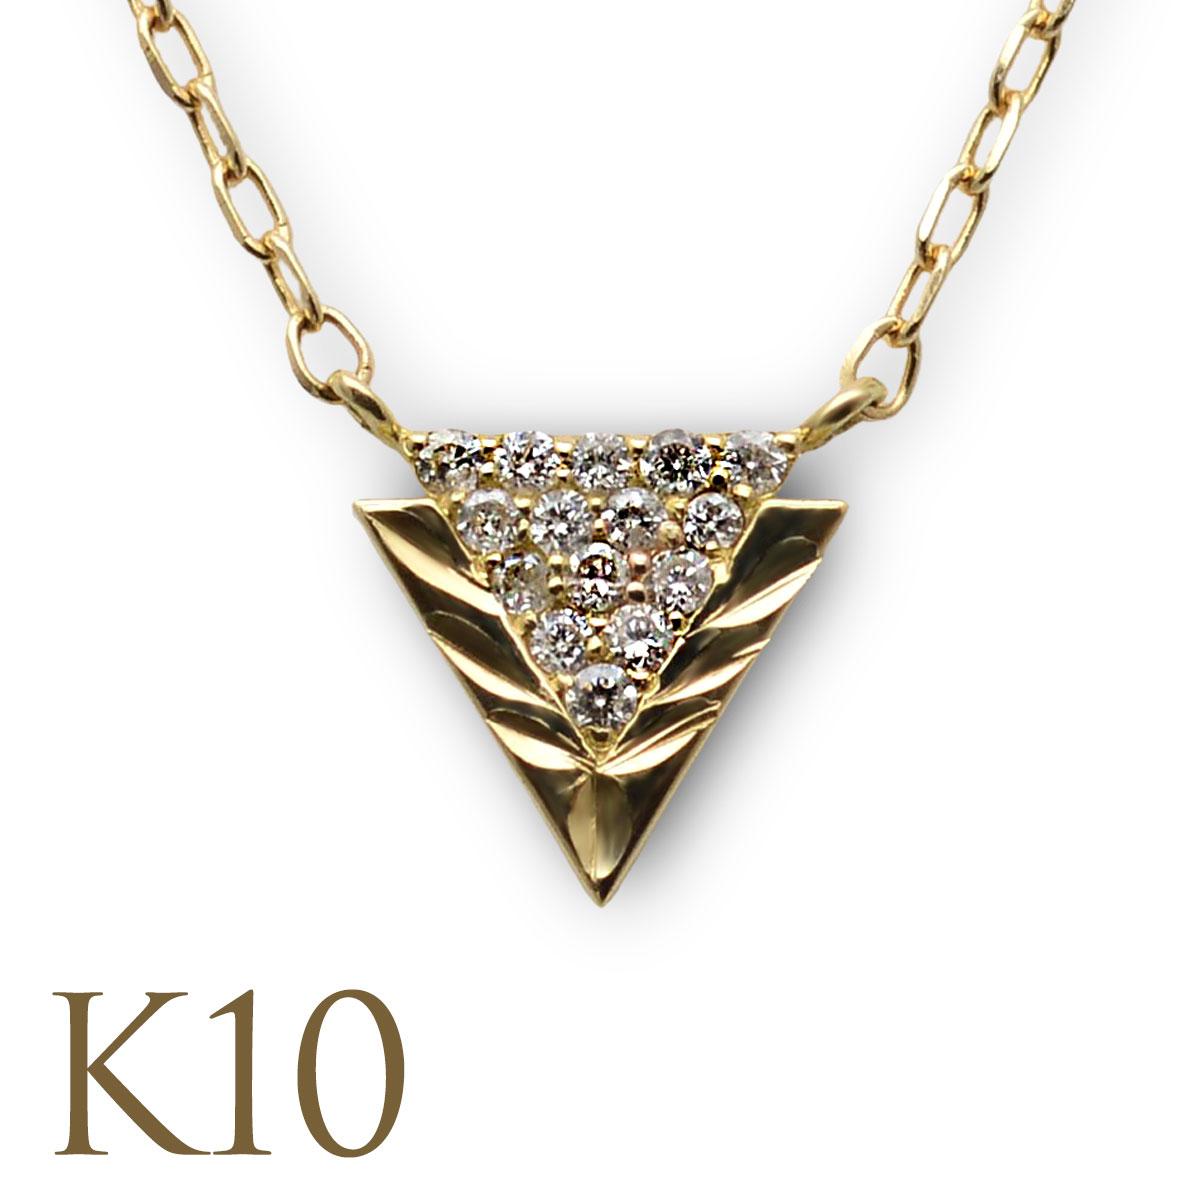 ハワイアンジュエリー ネックレス K10 ゴールド ダイヤモンド (Weliana)トライアングルウェーブ ダイヤ 0.07ctペンダントネックレス